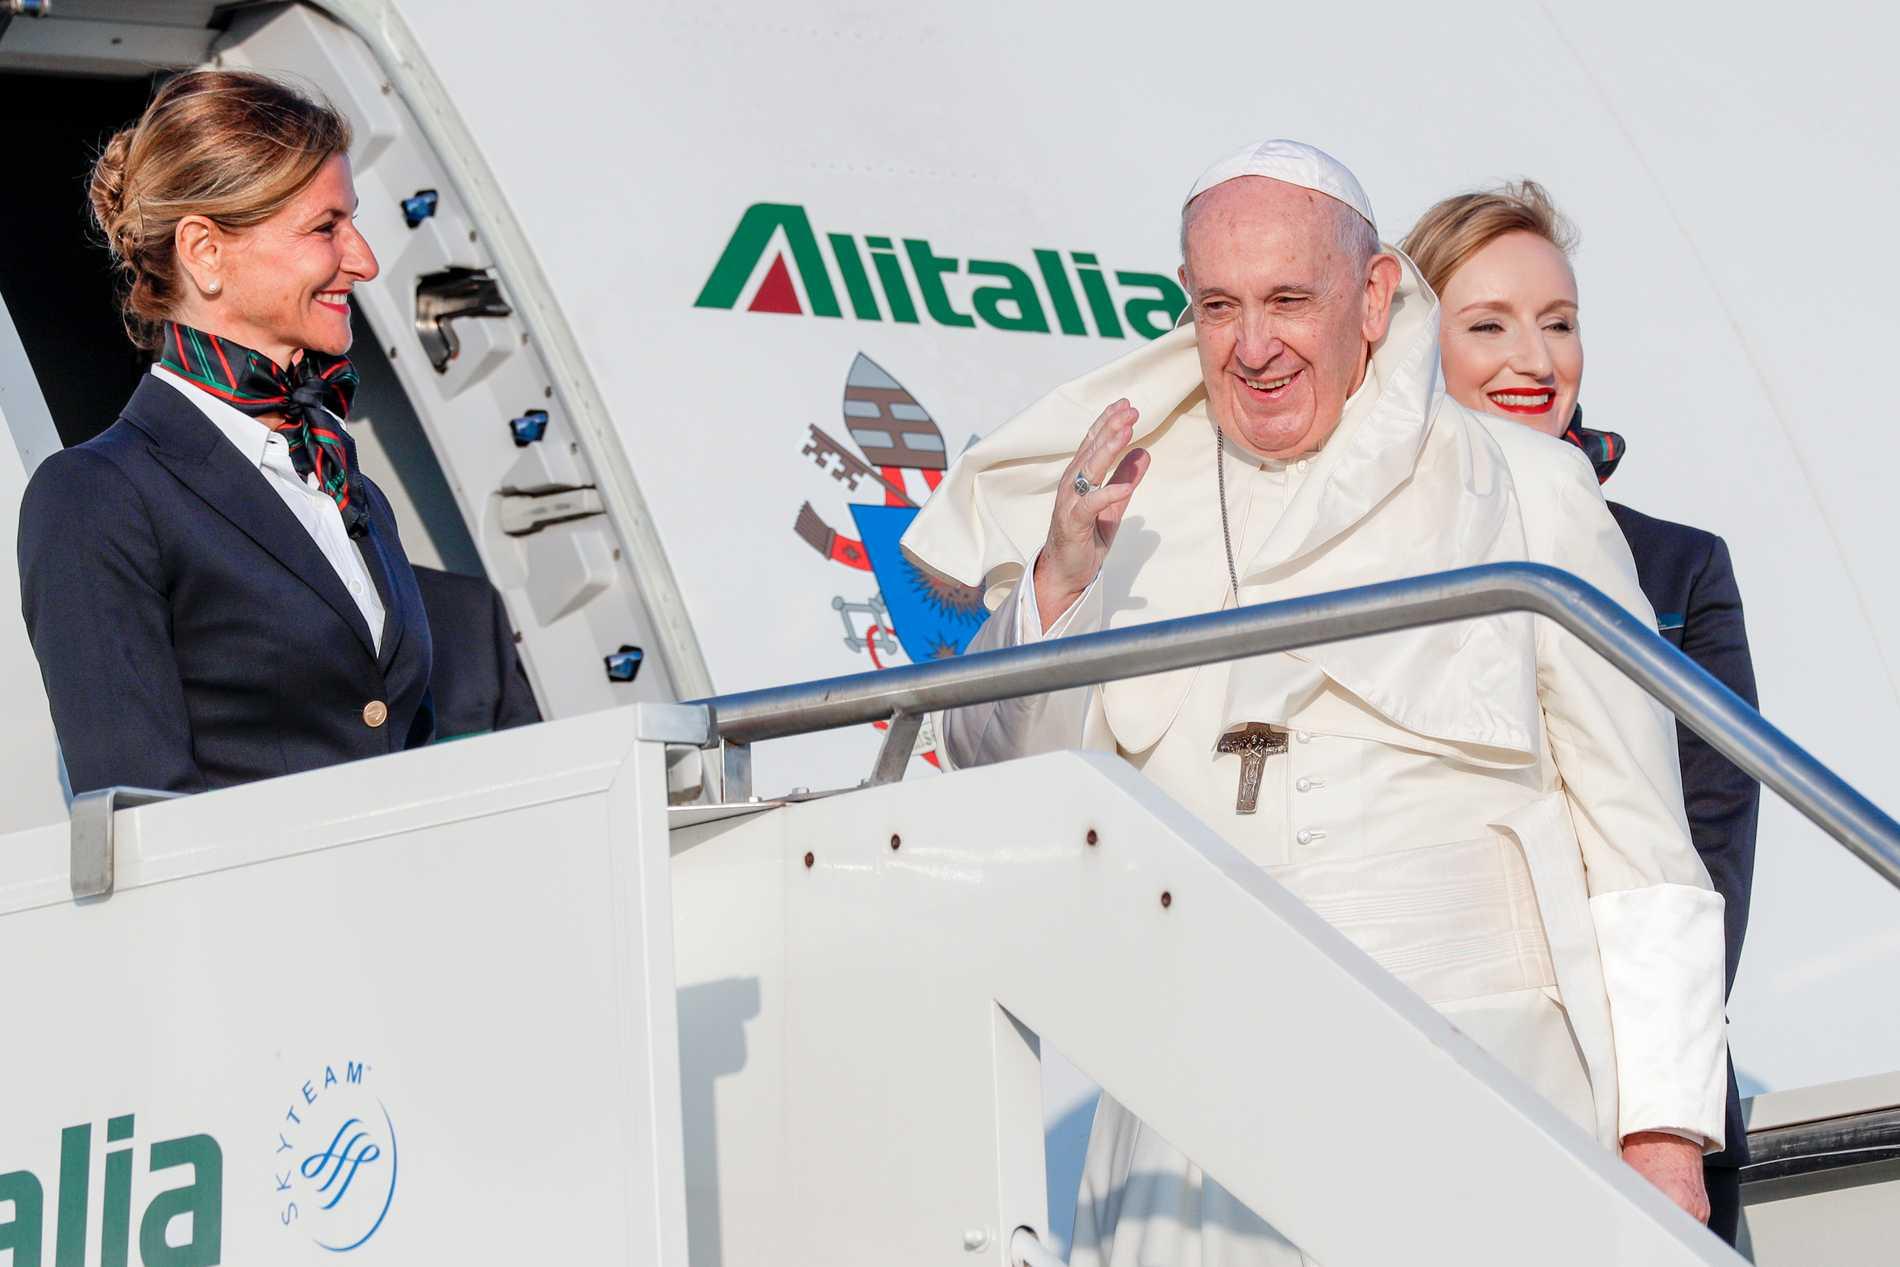 Påve Franciskus inleder sin veckolånga resa i Moçambique. Här tar han flyget från Rom. Arkivbild.